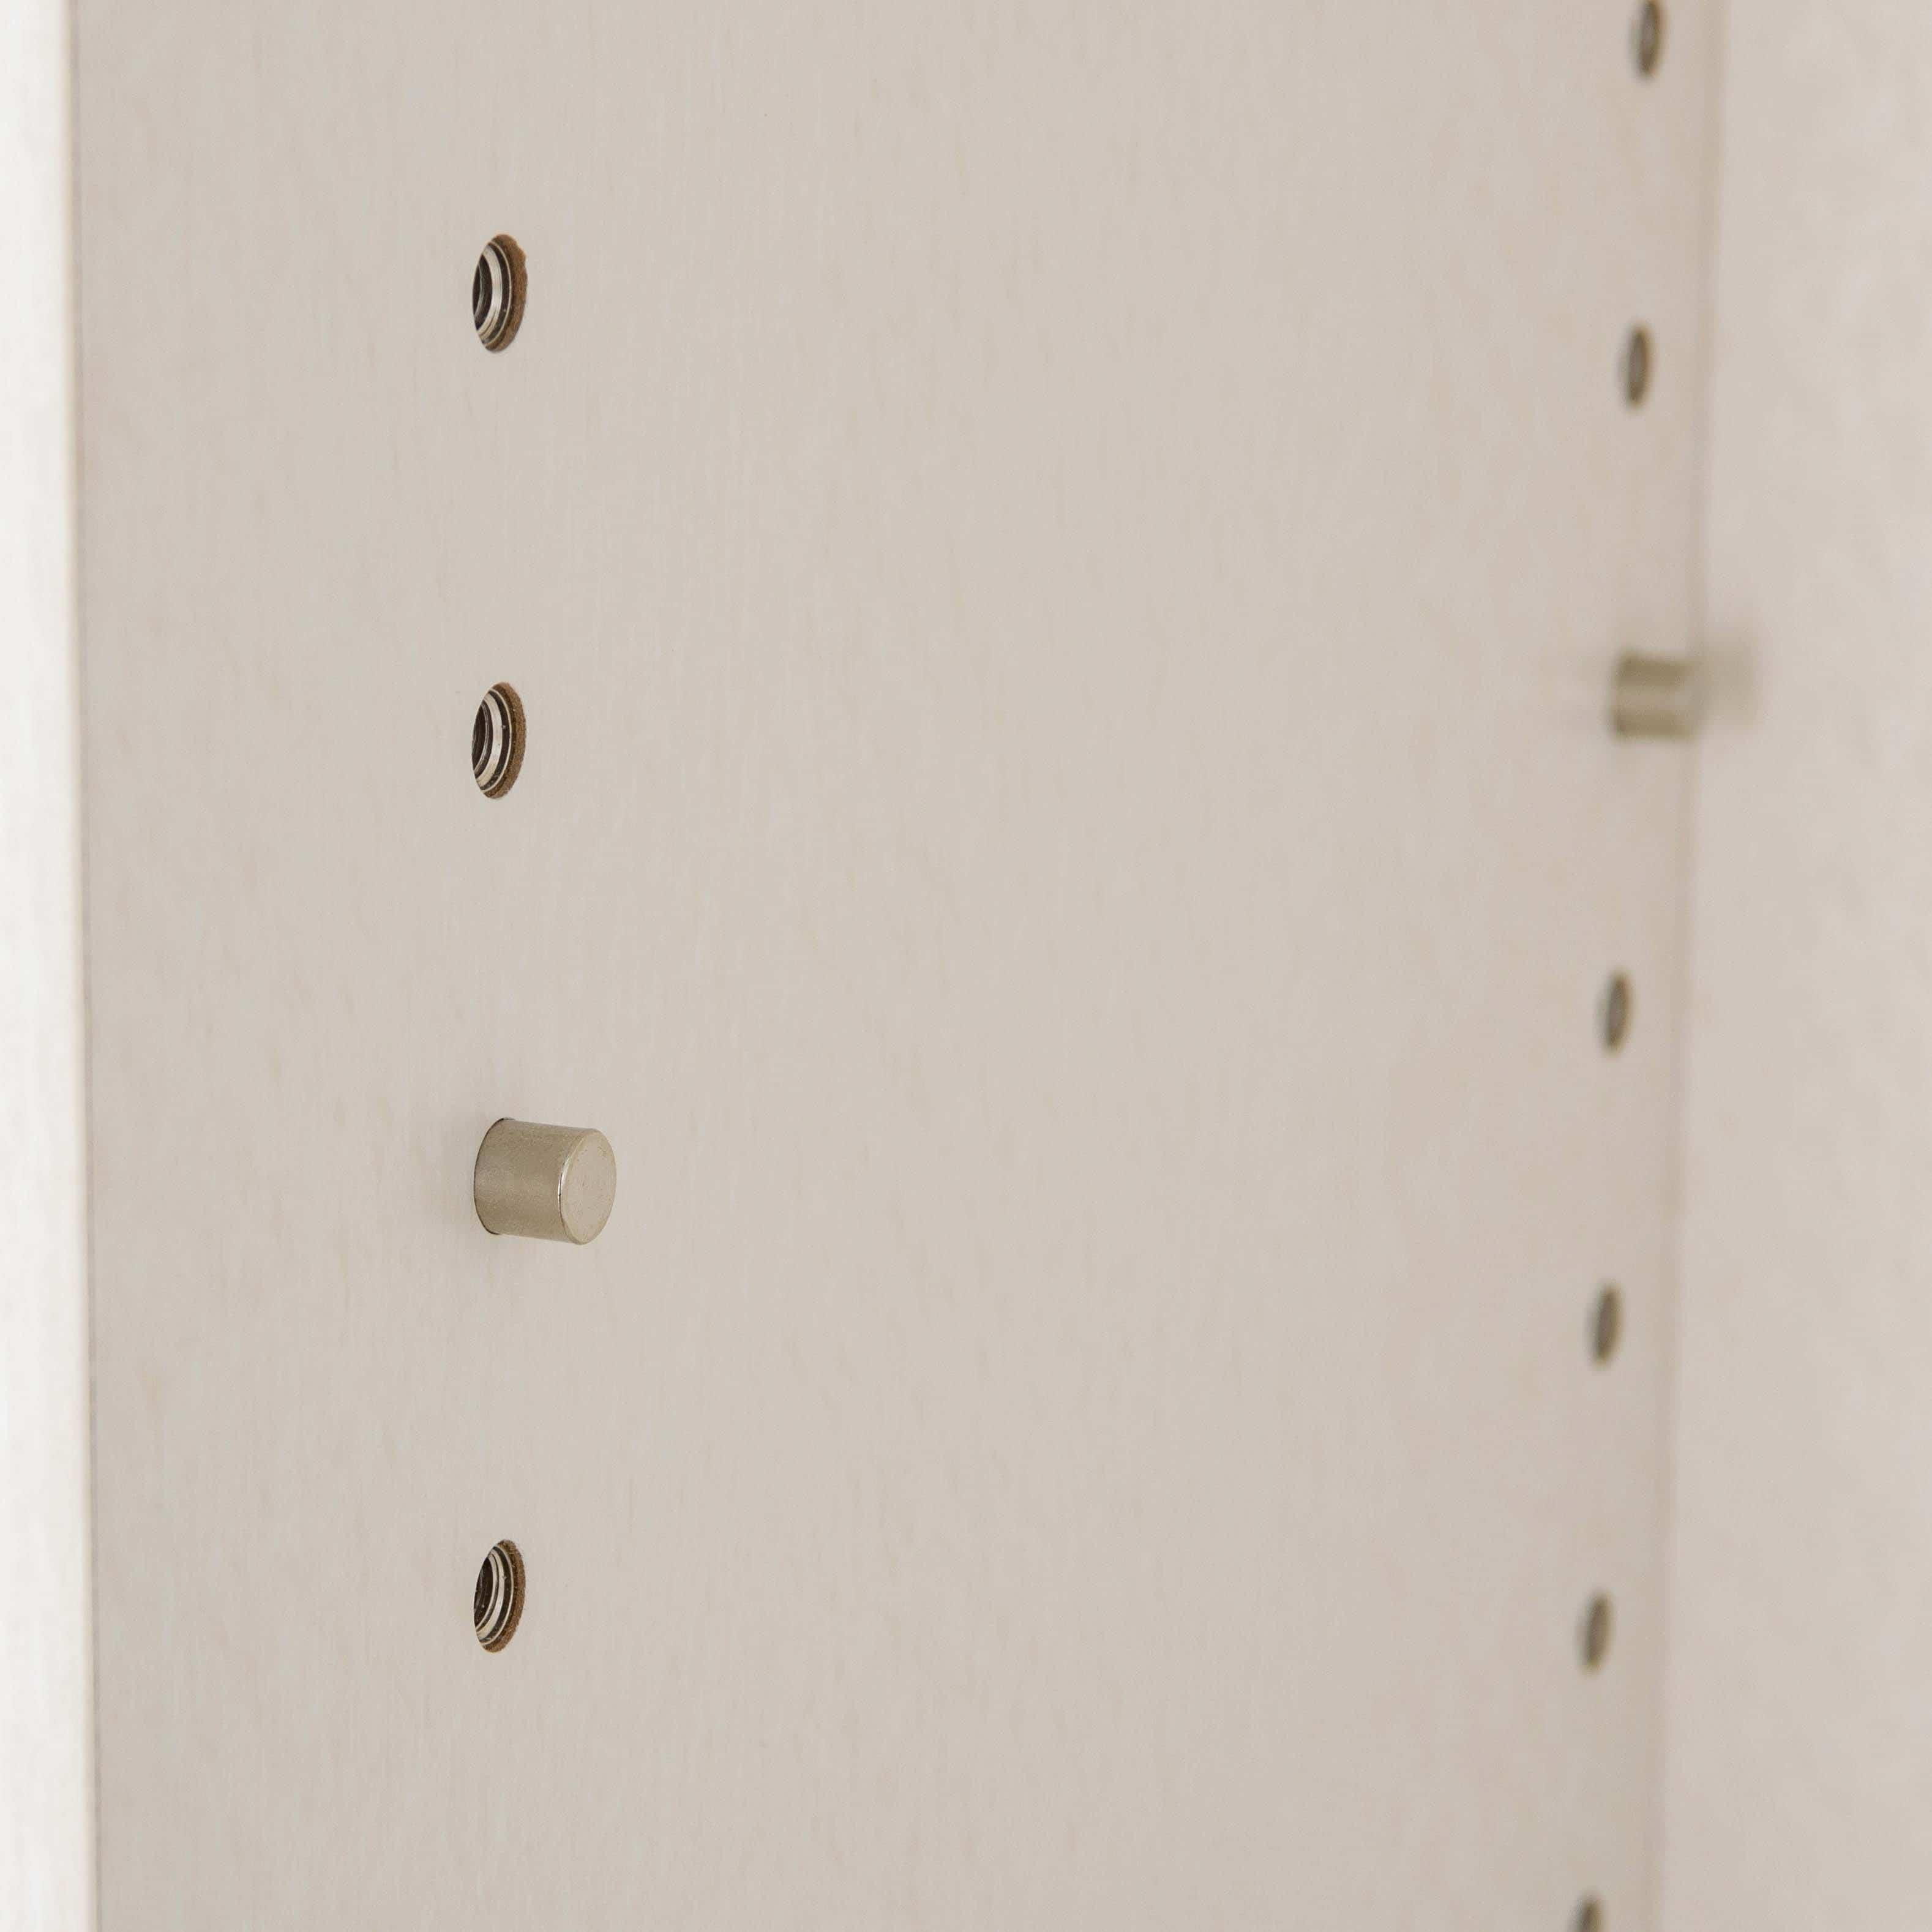 小島工芸 上置 アコード105A(ホワイト):キレイに収まる魅せる収納